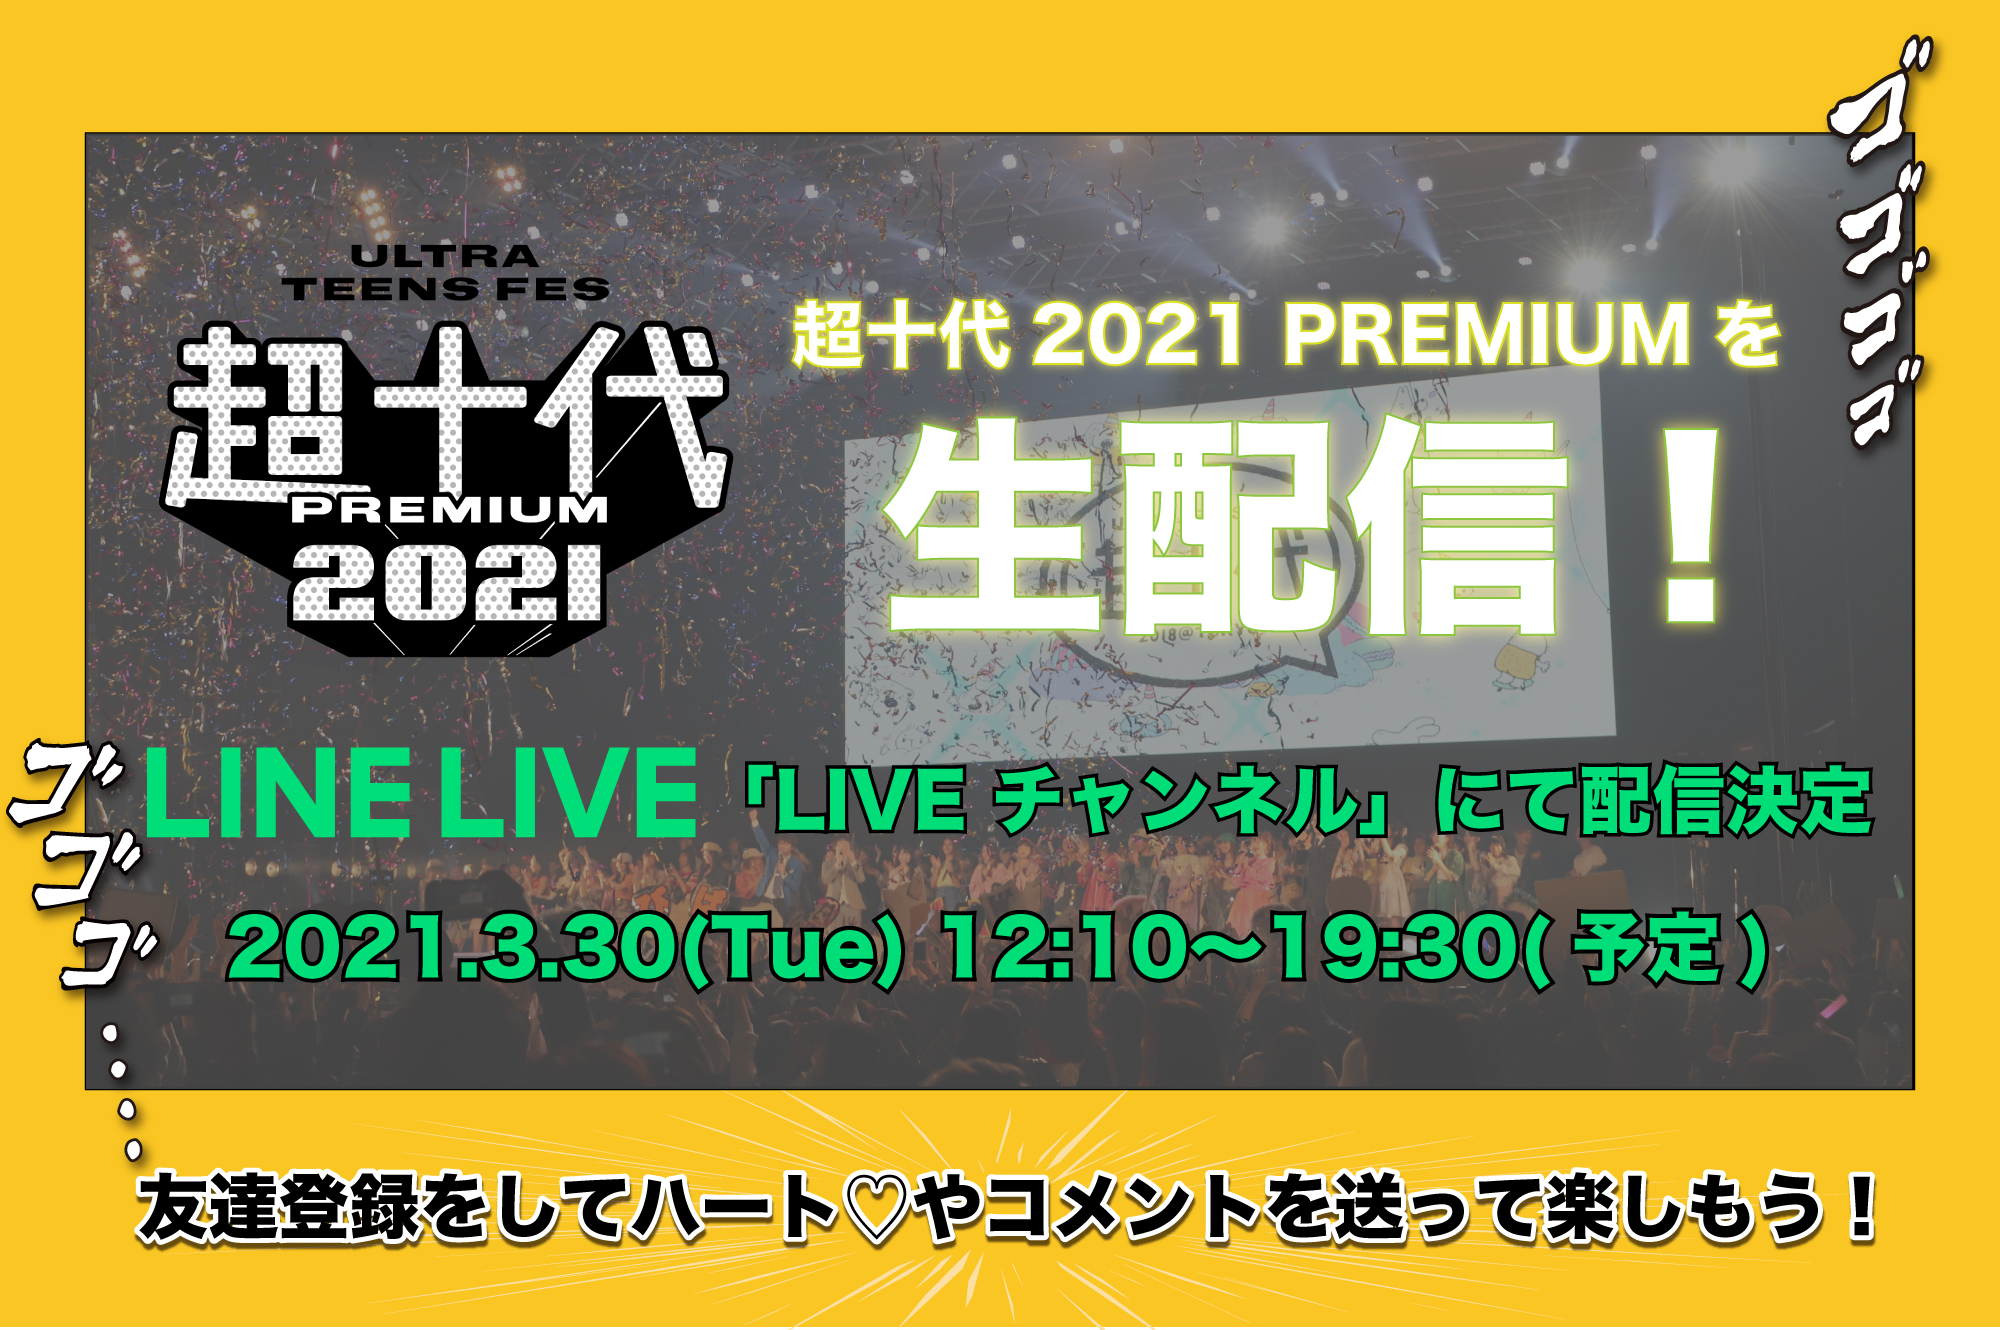 超十代 -ULTRA TEENS FES- 2021 PREMIUM☆生配信決定☆